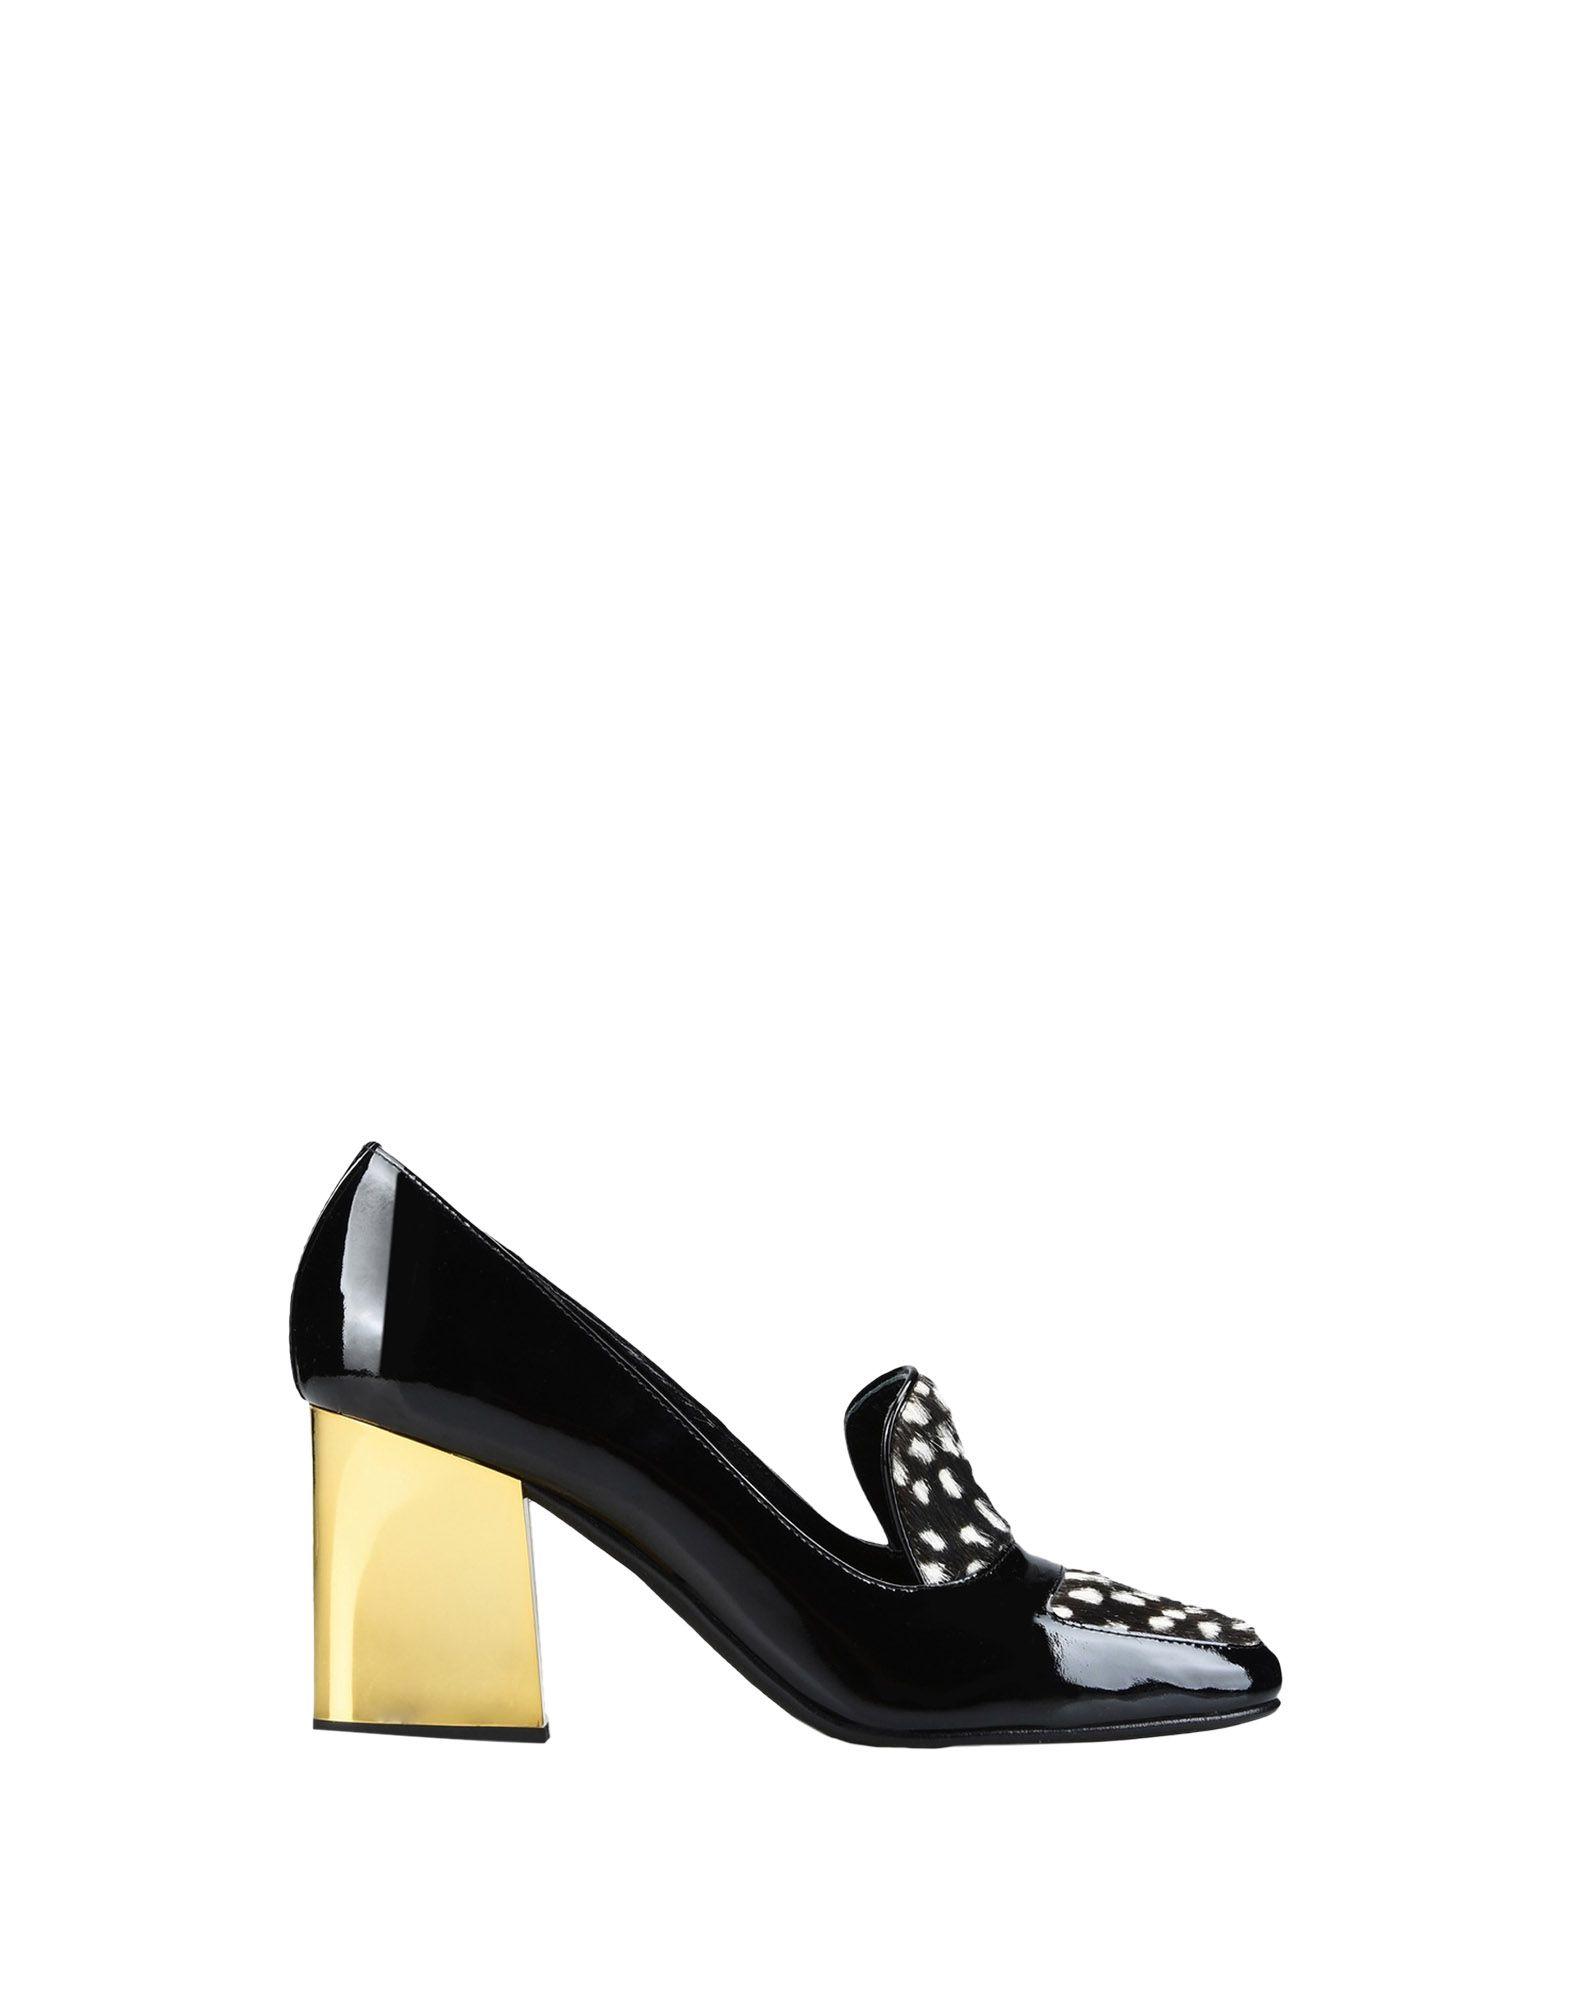 Stilvolle 11373095GU billige Schuhe Emporio Armani Mokassins Damen  11373095GU Stilvolle 8028f8